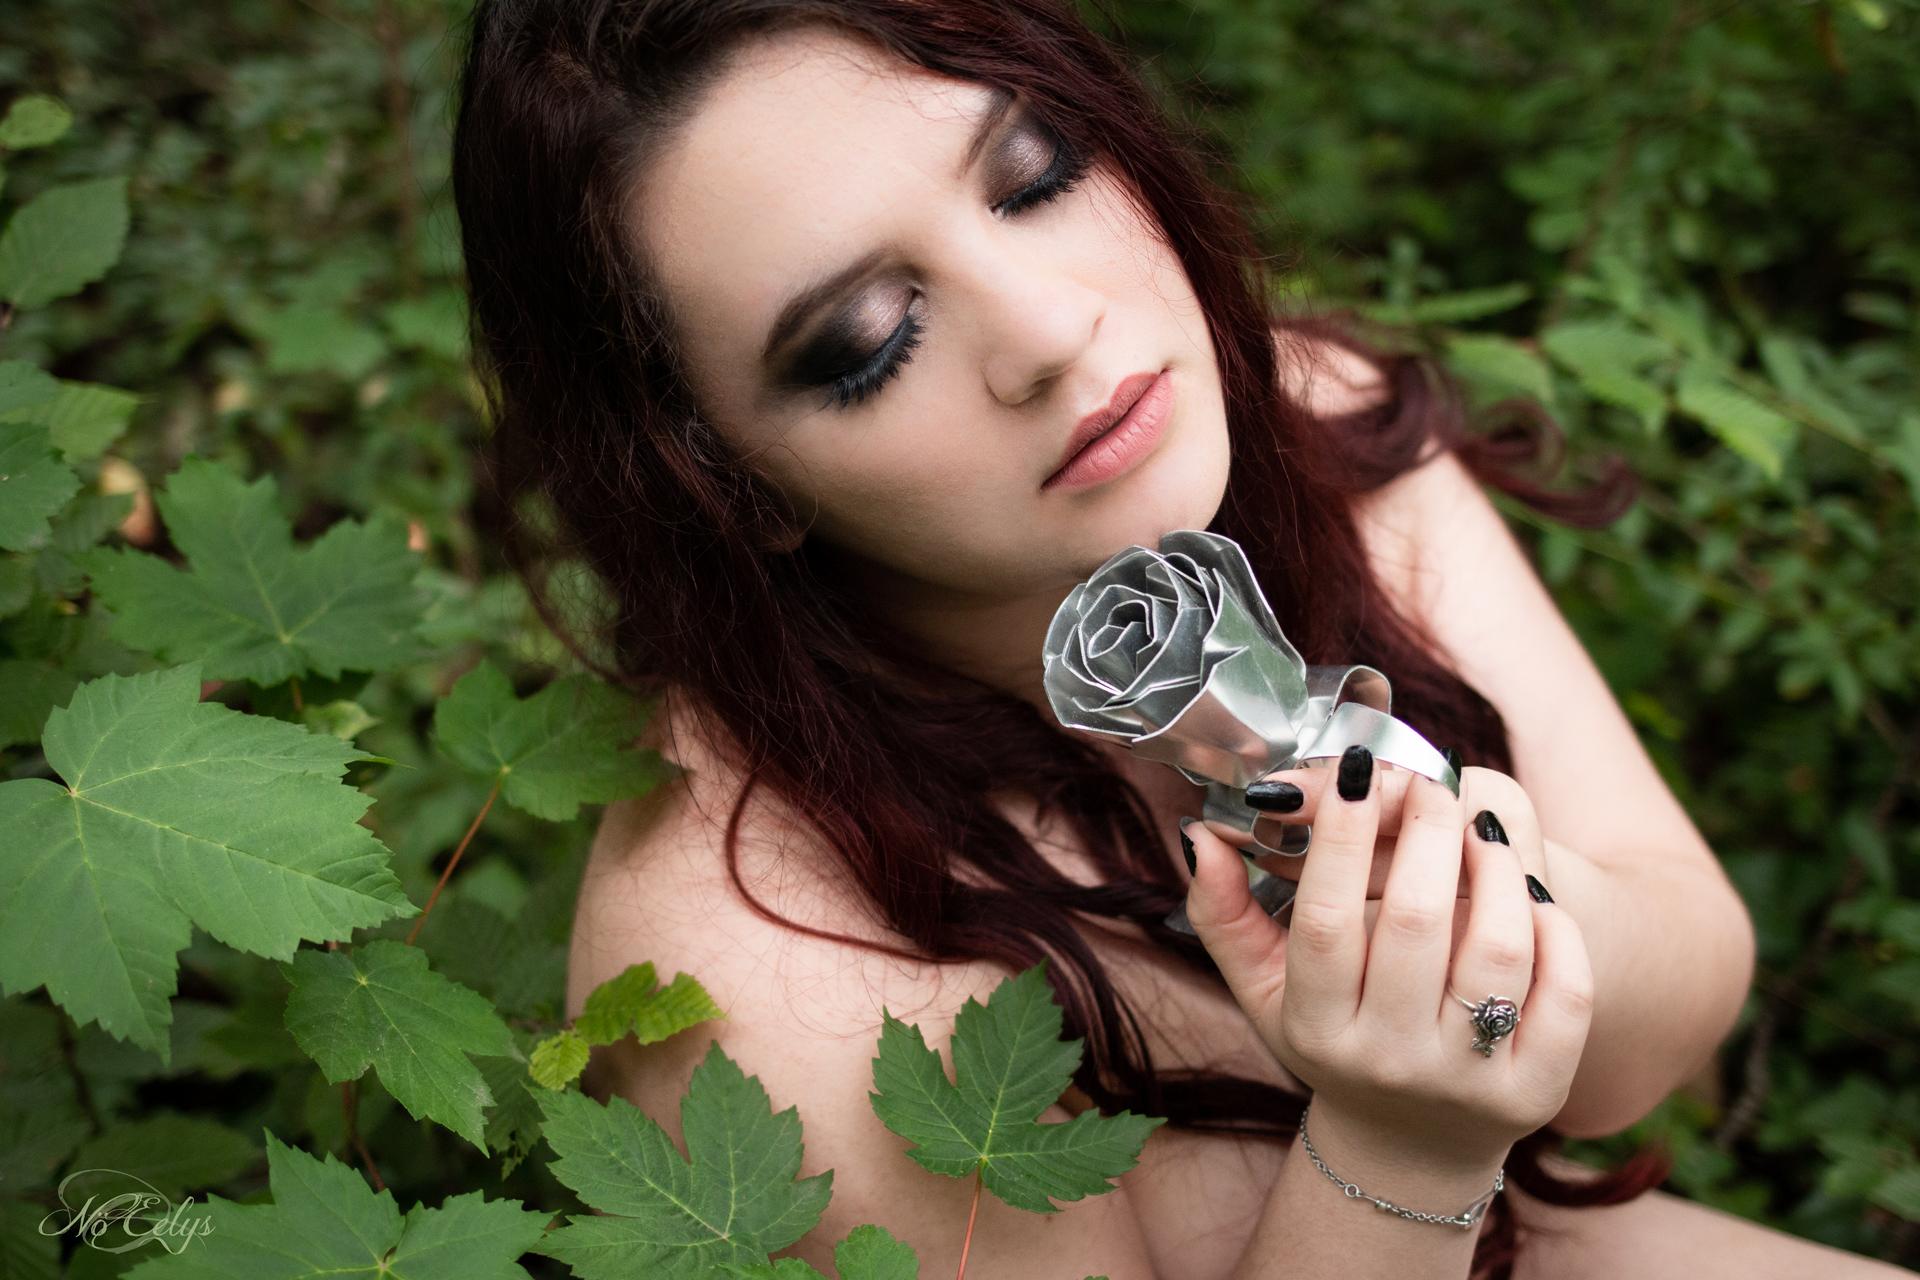 Portrait doux et romantique, modèle alternative Findelë's Secrets, photographe alternative Paris Nö Eelys, maquillage par Le Boudoir de Nö